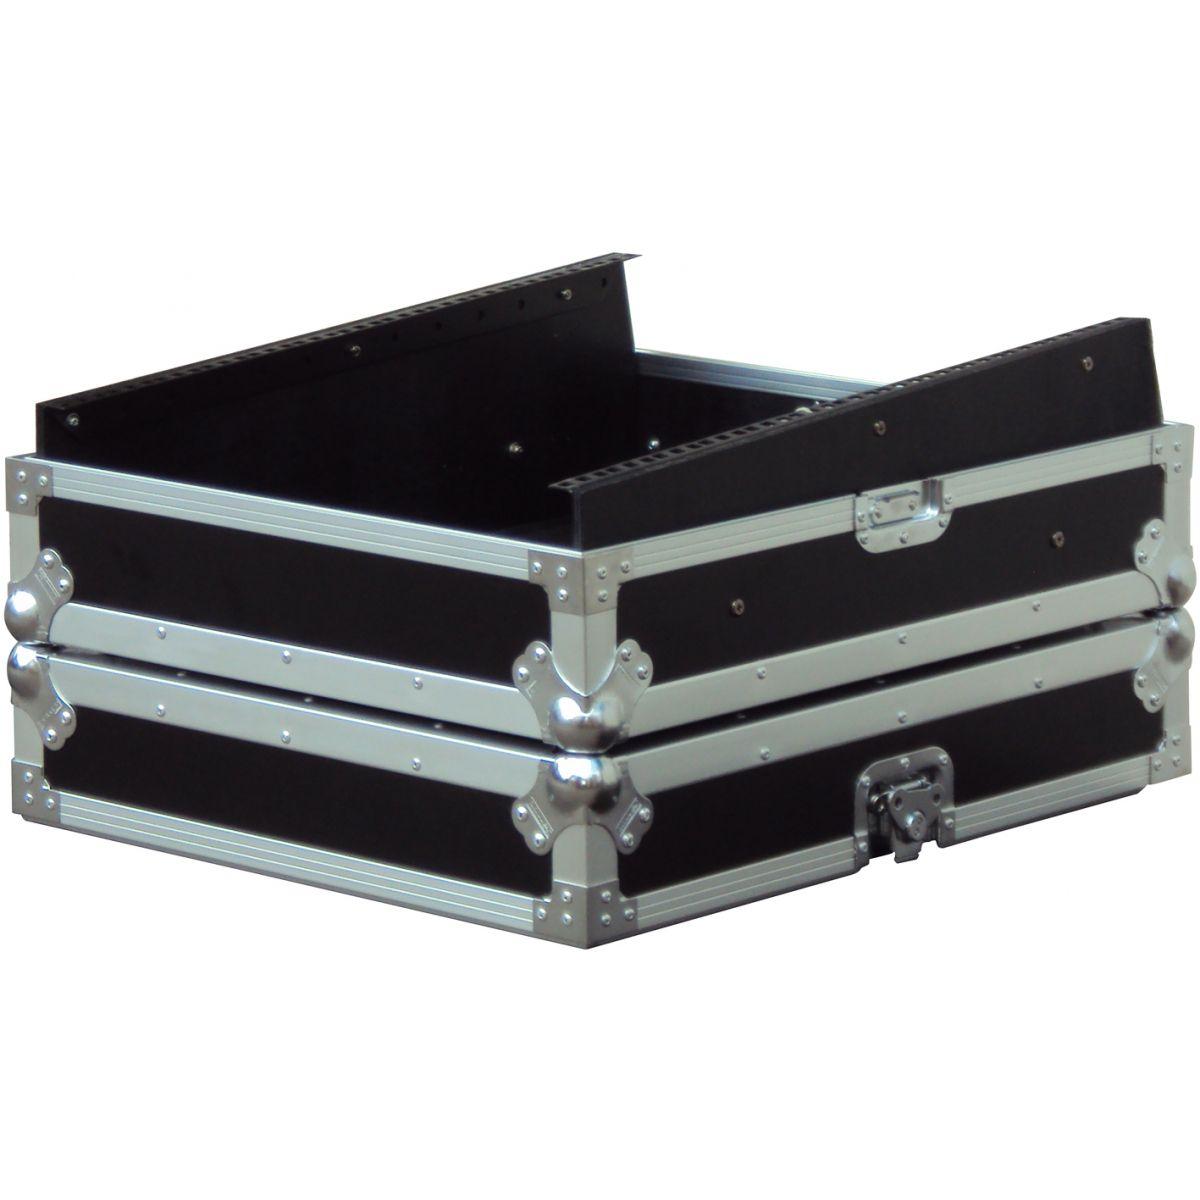 Flight cases bois consoles de mixage - Power Acoustics - Flight cases - FCM 19 YAMAHA